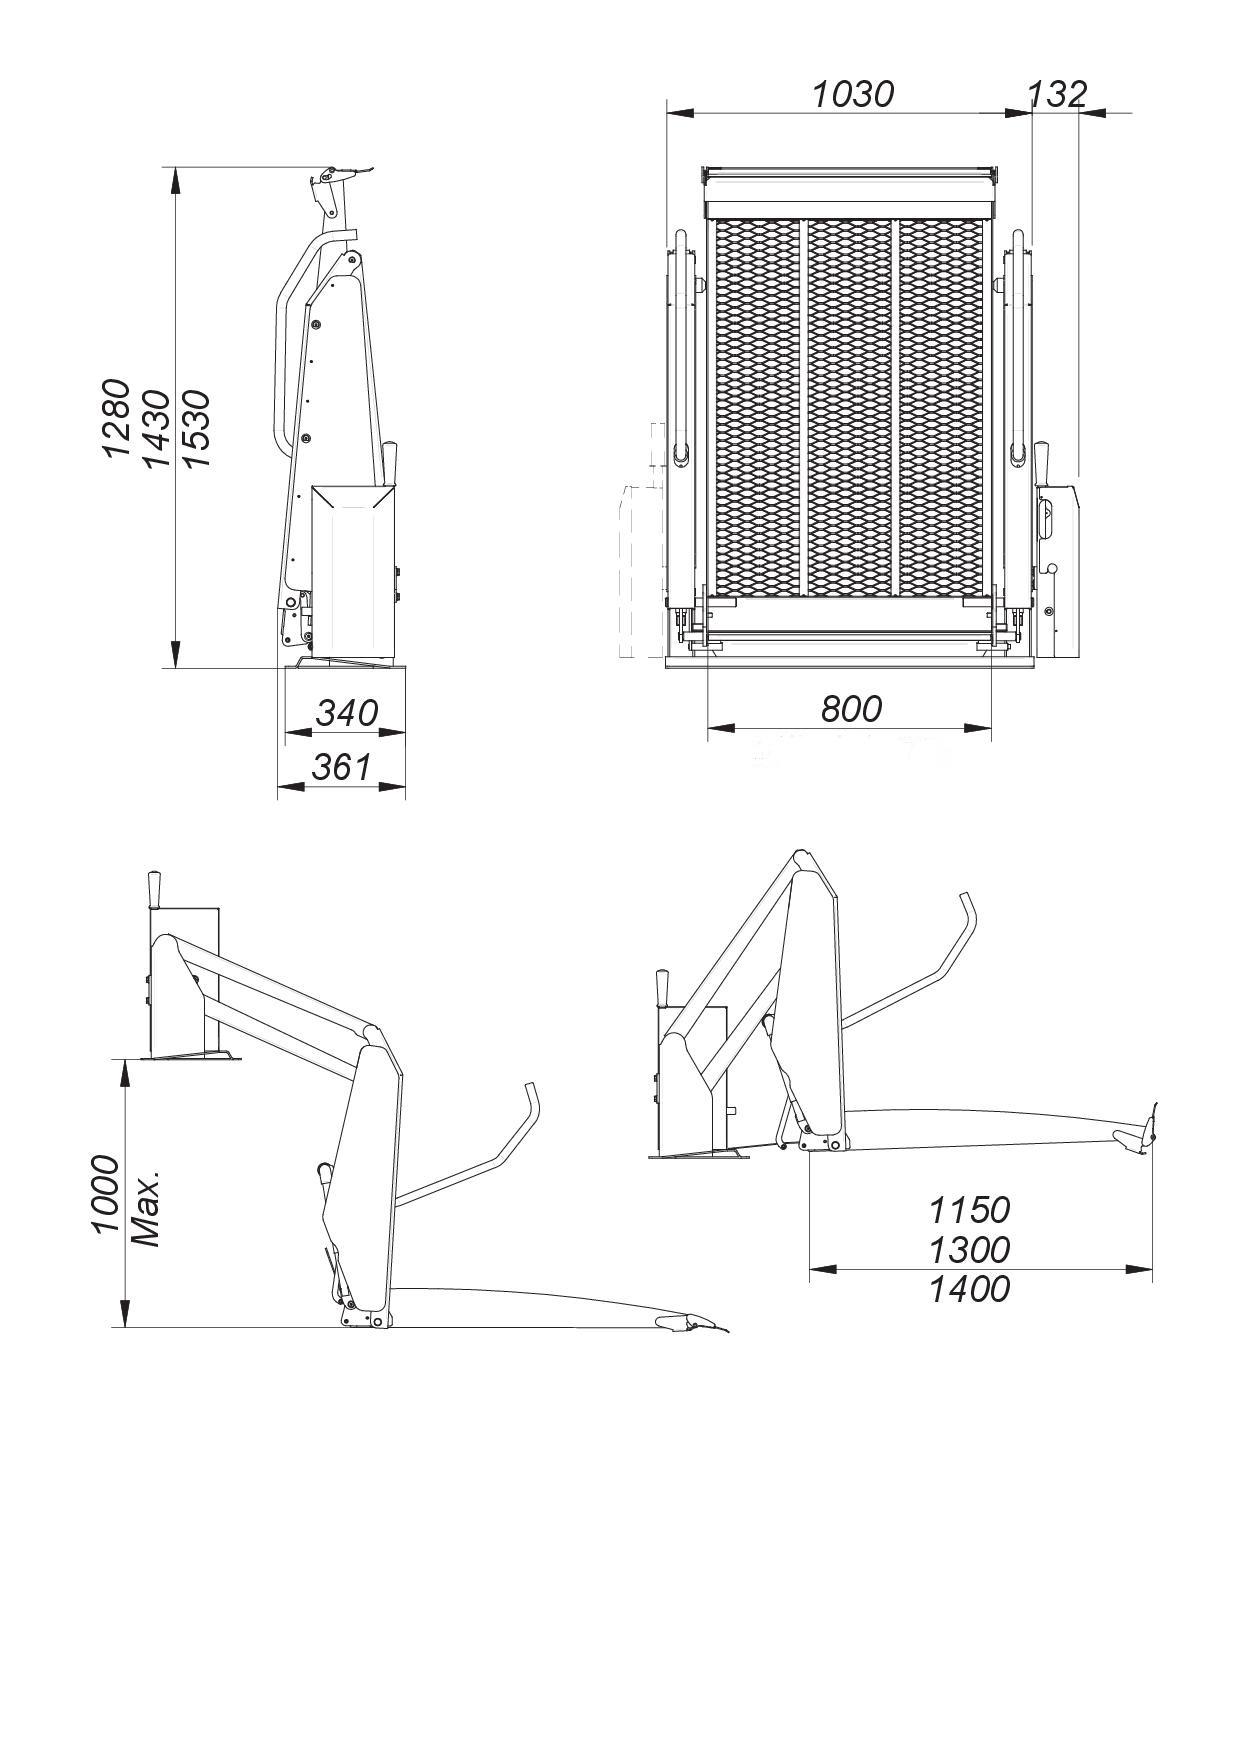 Fiche technique : Elévateur fixe Centaure pour fauteuil roulant , usage privatif maison jusqu'à 1 mètre de haut